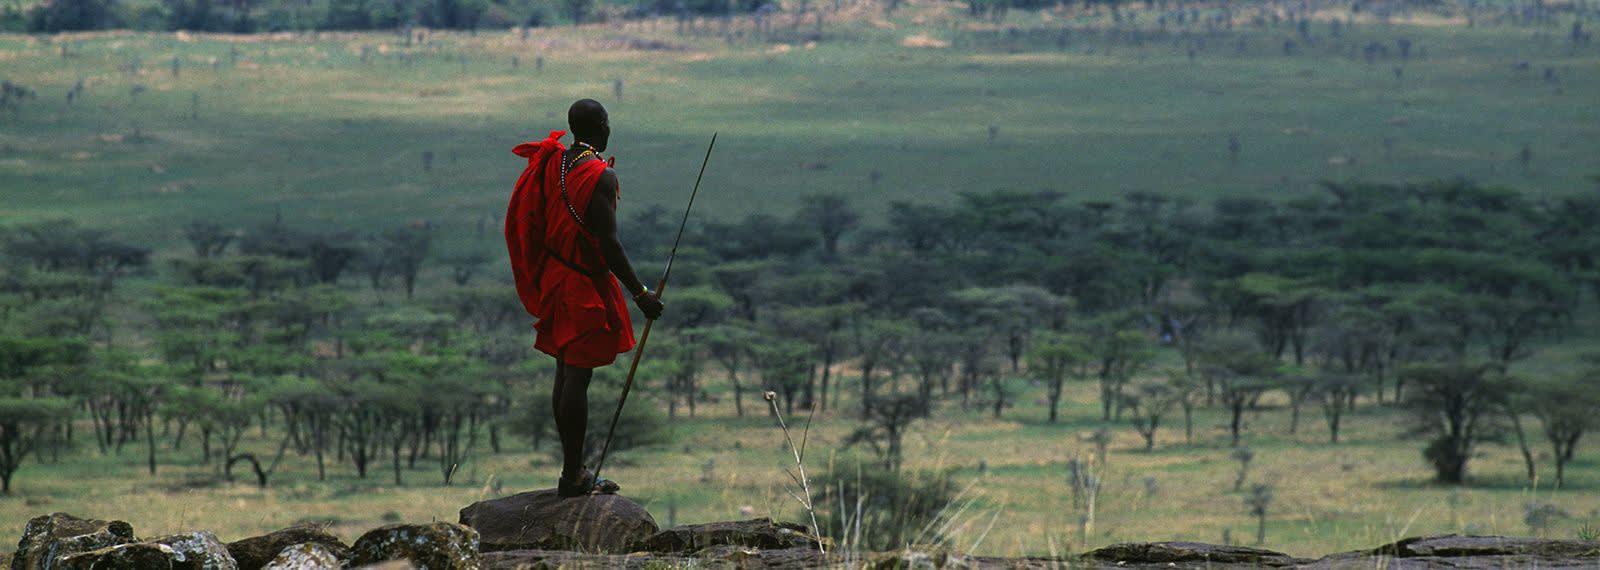 Matjaž Krivic, Masai Mara, Kenya, 2002 – 2006